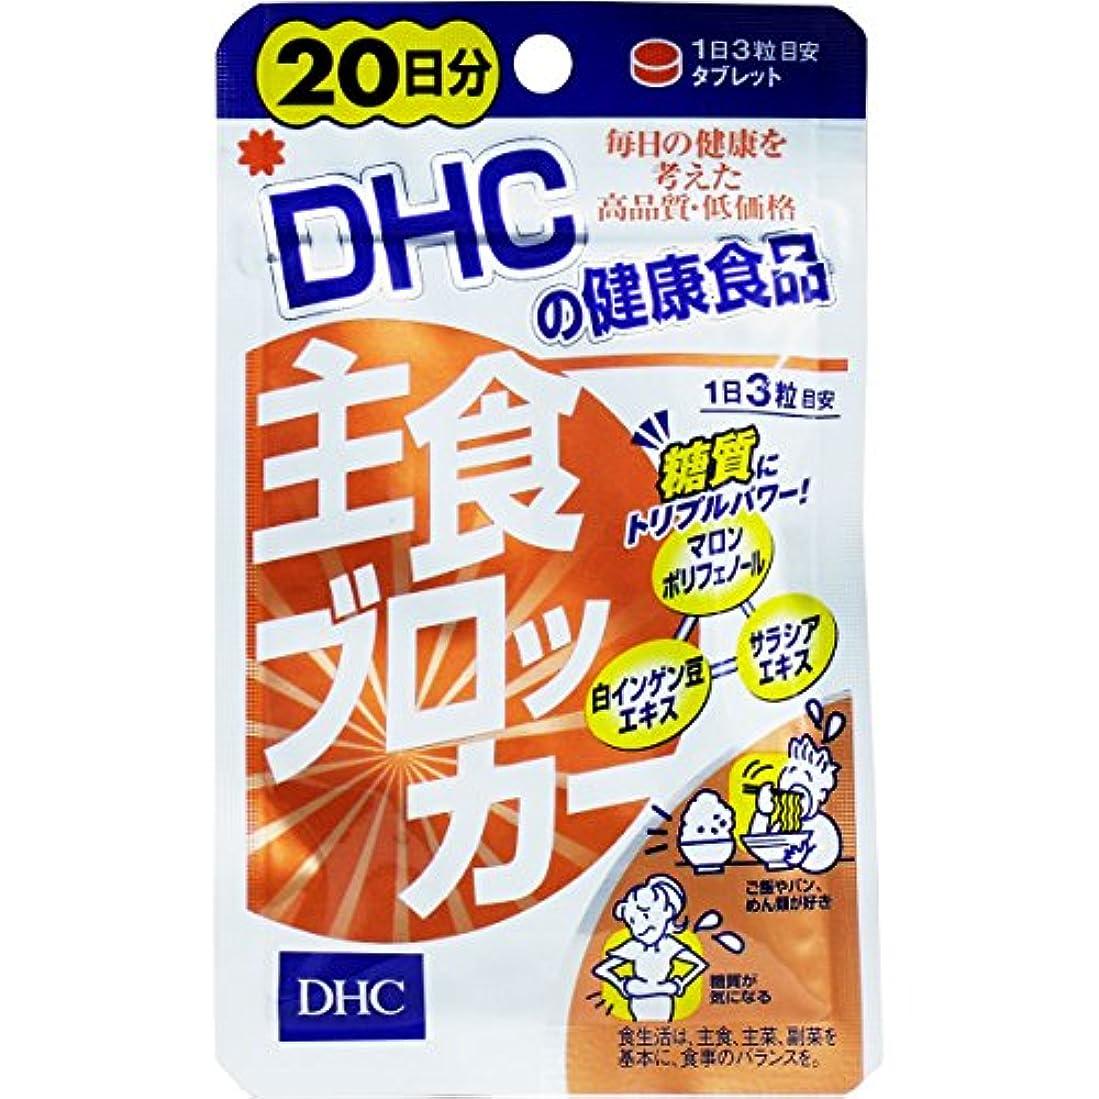 羨望ダルセット秋サプリ 主食好きさんの、健康とダイエットに 話題の DHC 主食ブロッカー 20日分 60粒入